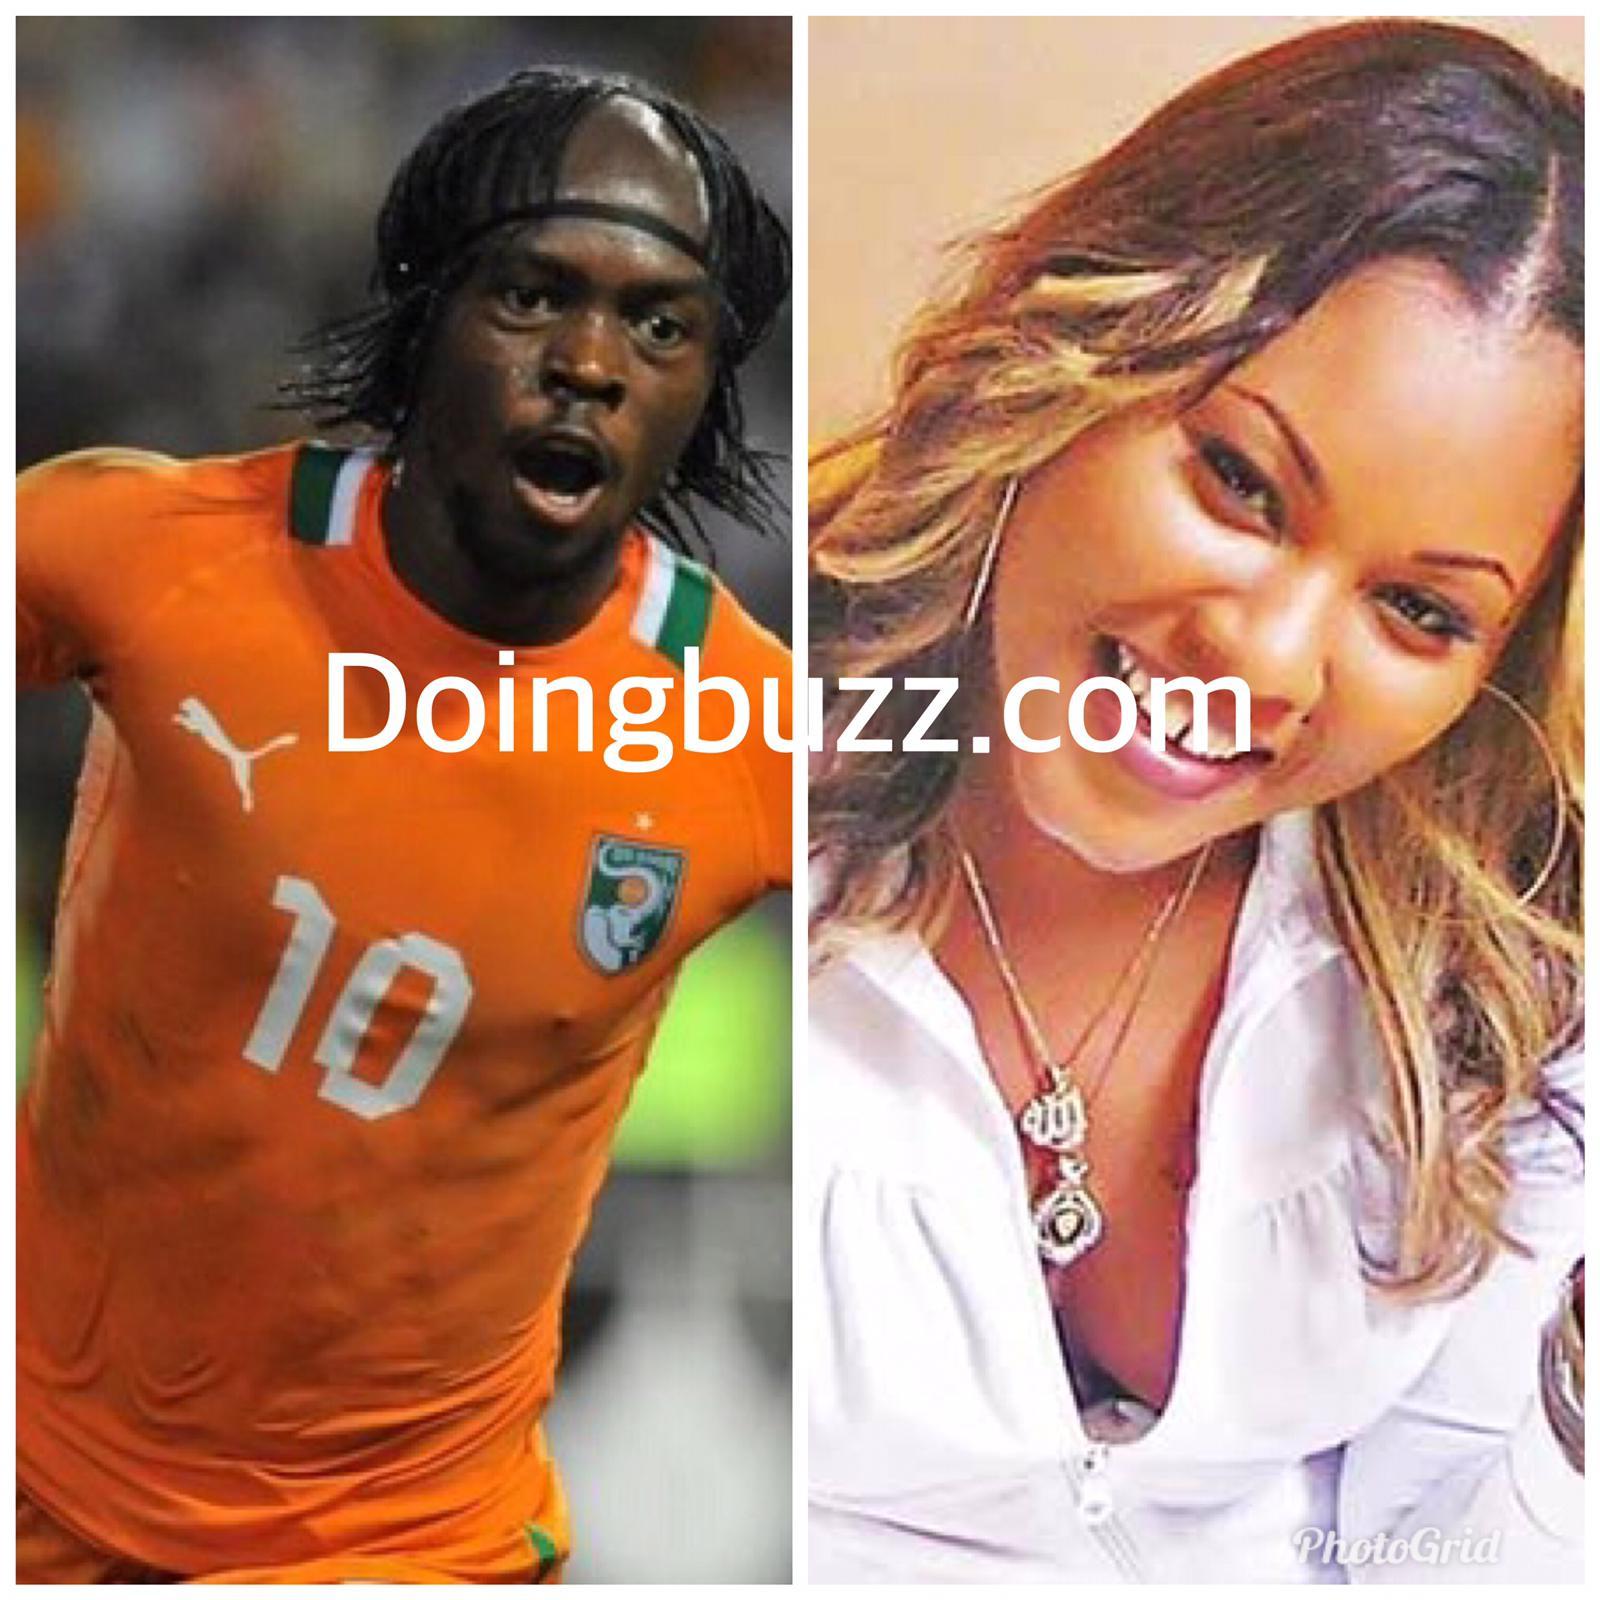 Le footballeur Gervihno attaqué par une prénommée Yasmine qui dévoile leurs conversations intimes